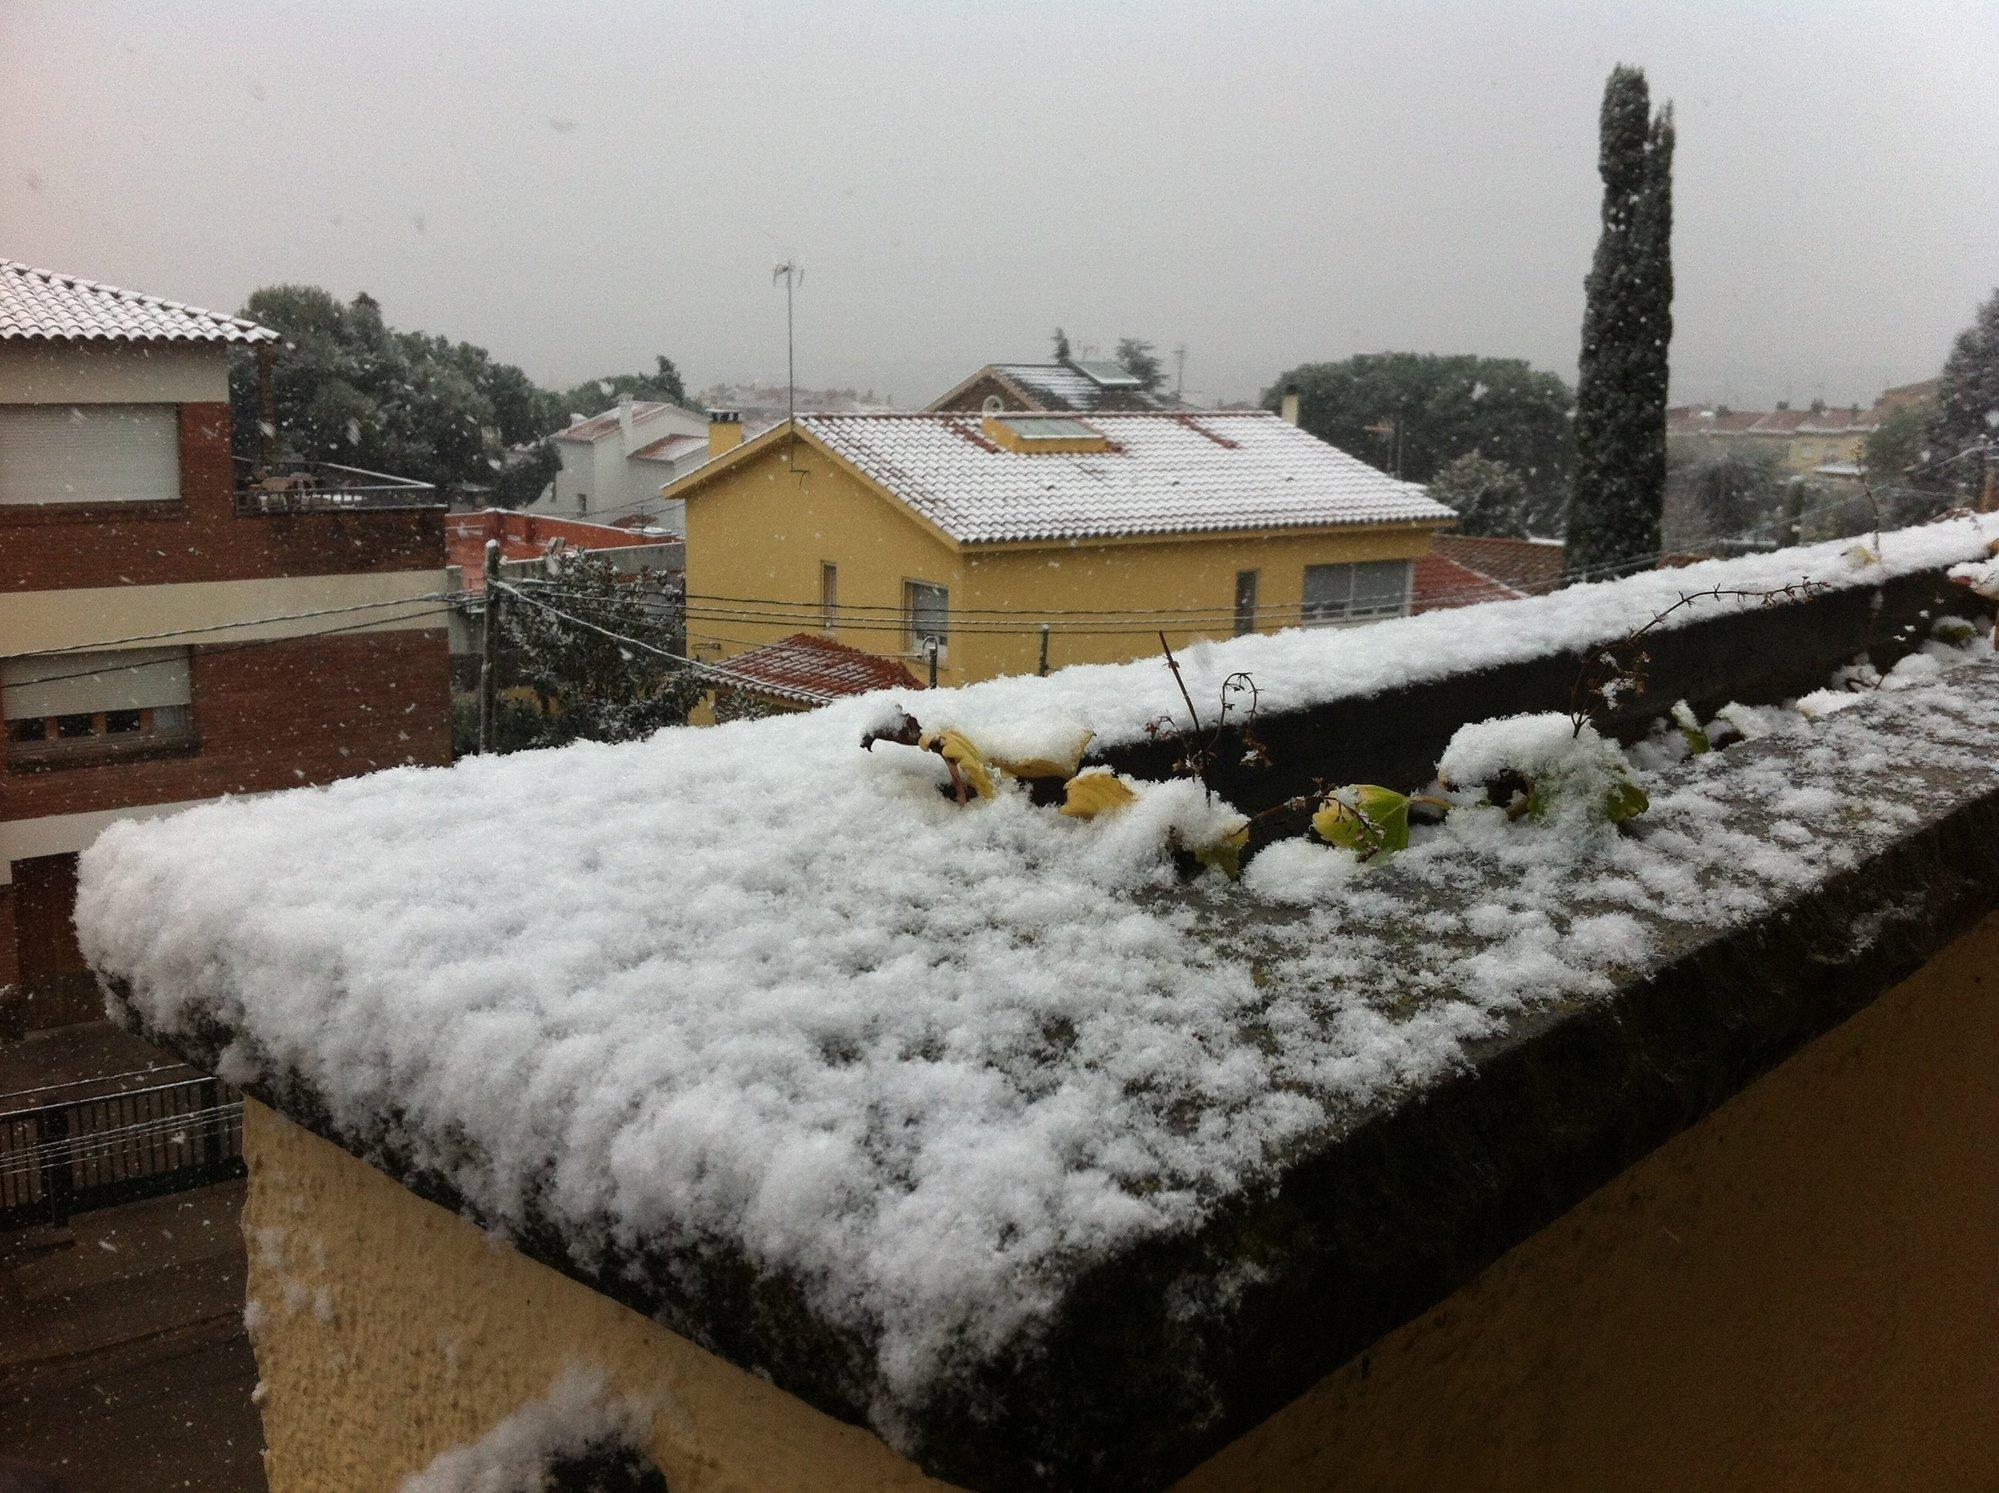 Gobierno vasco activa el aviso amarillo para este domingo por nevadas a partir de 500 metros y heladas